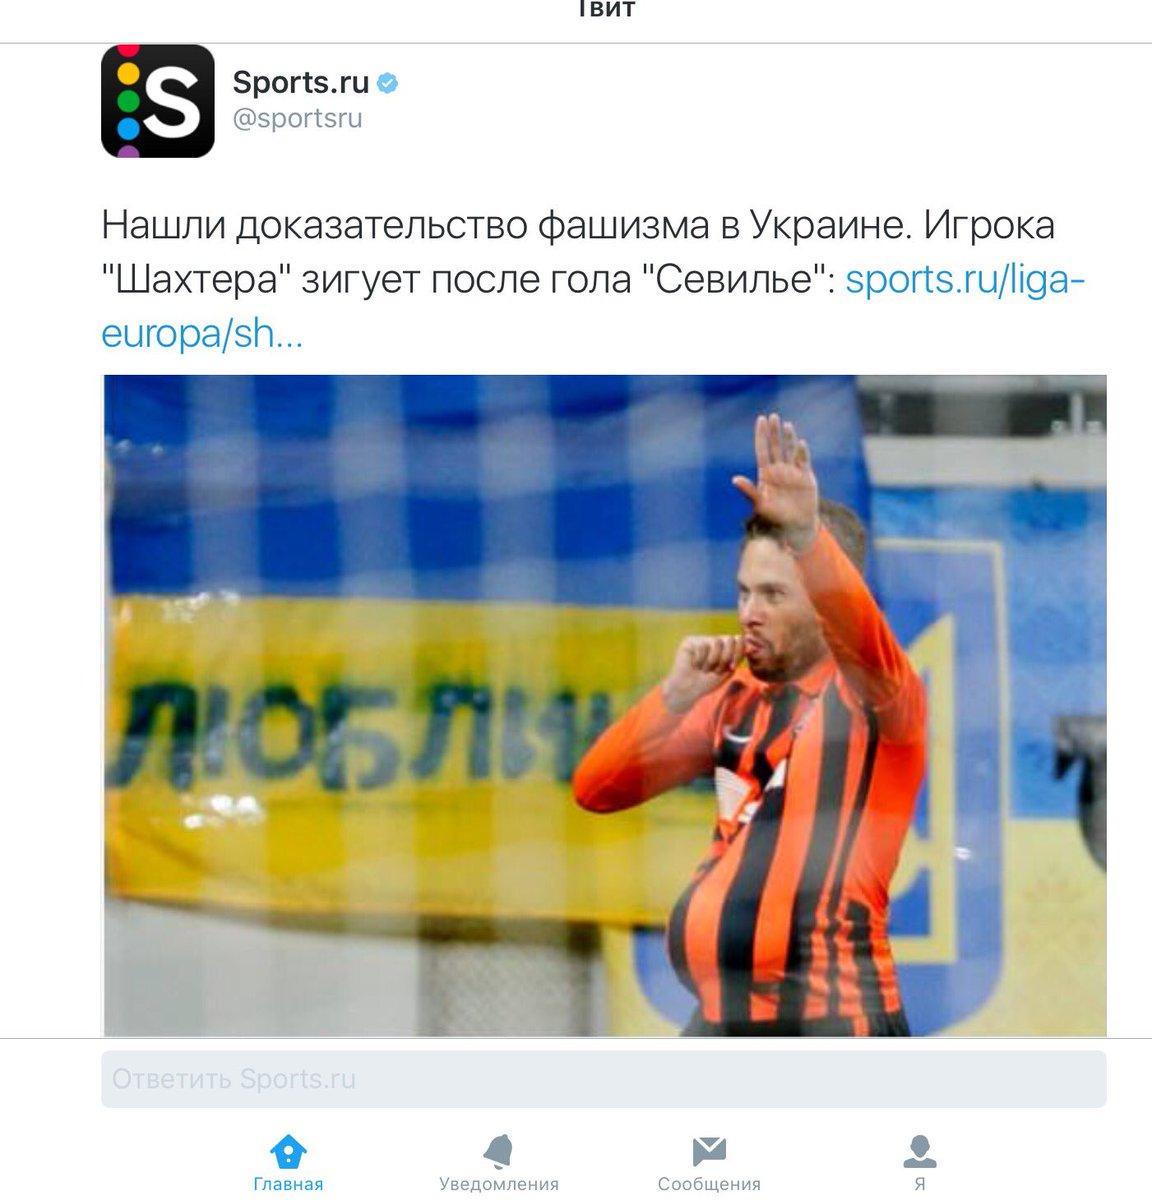 """Нацсовет по телерадиовещанию назначил внеплановую проверку """"Радио Вести"""" из-за интервью с Азаровым - Цензор.НЕТ 1131"""